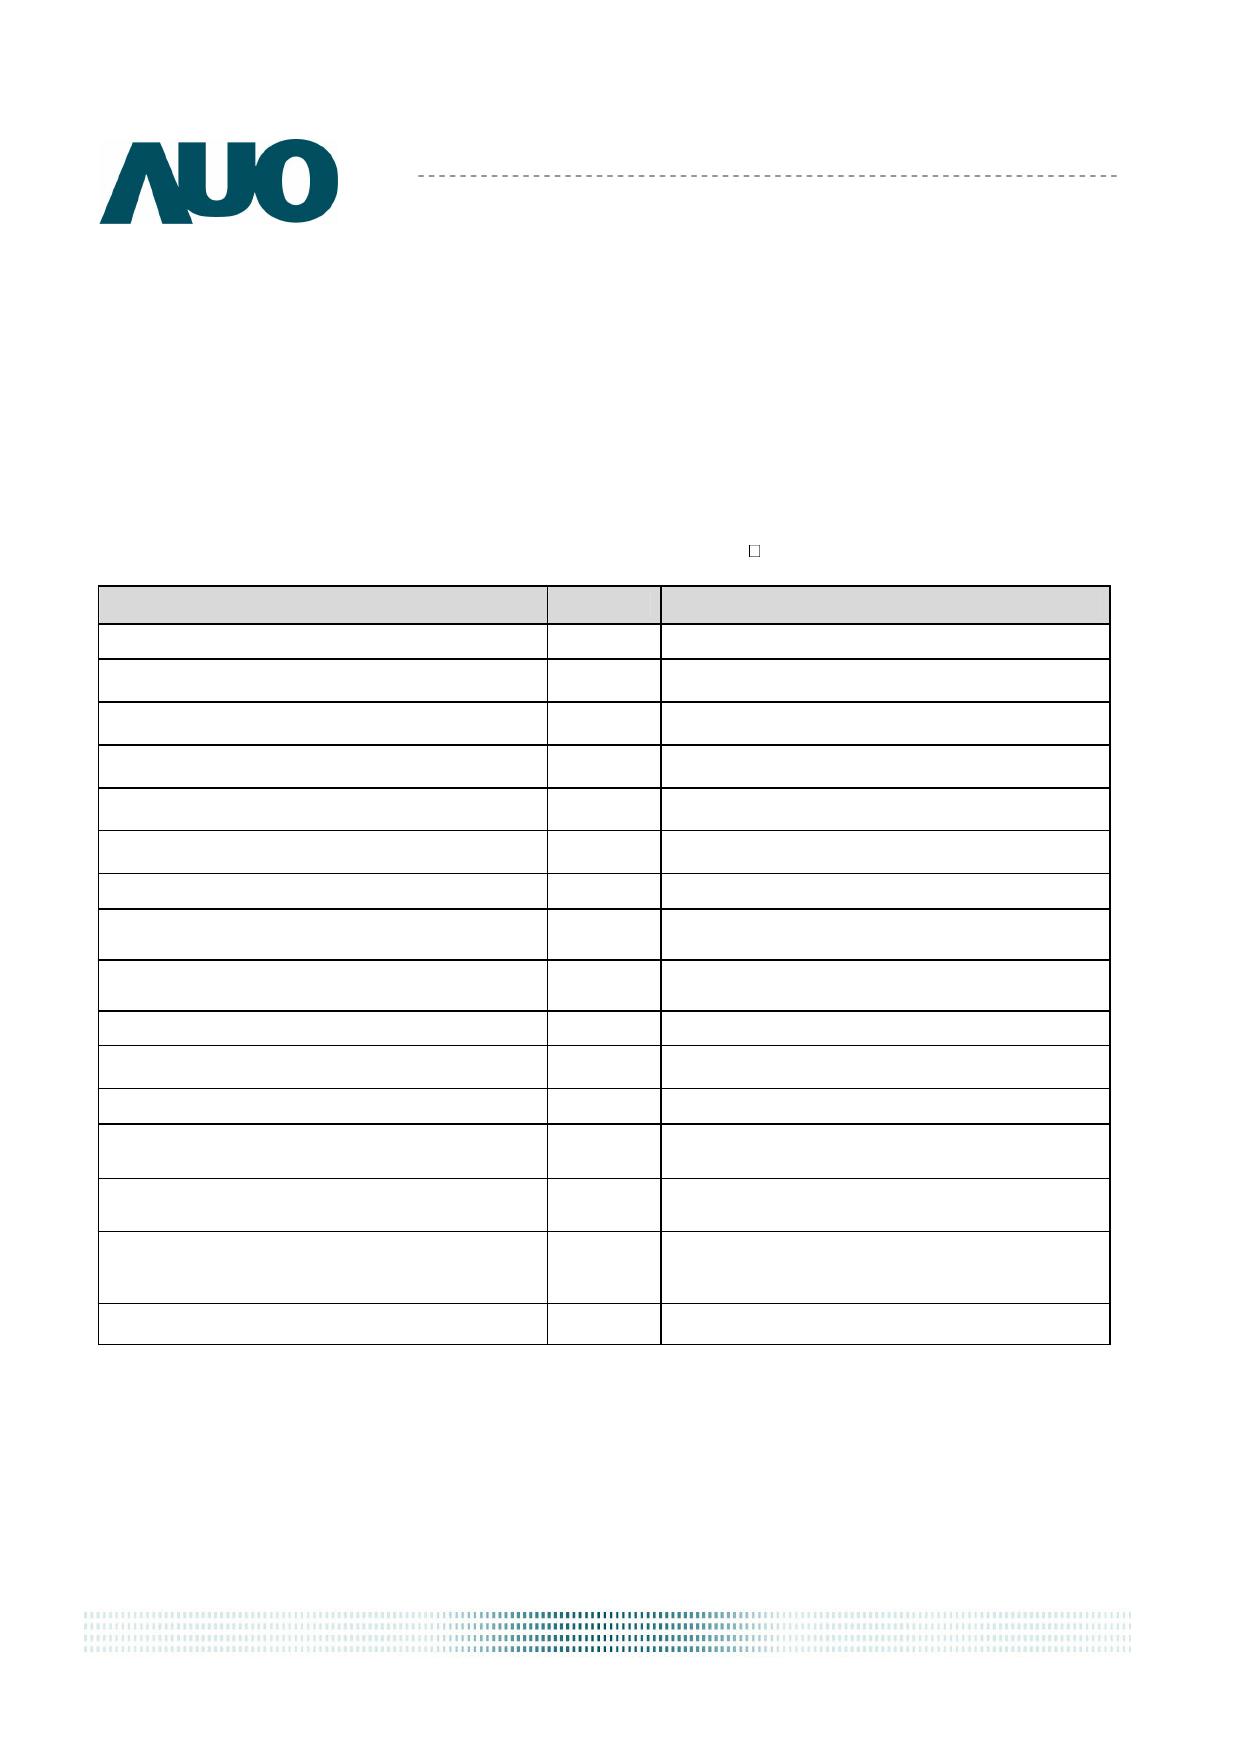 G070VTN01.0 pdf